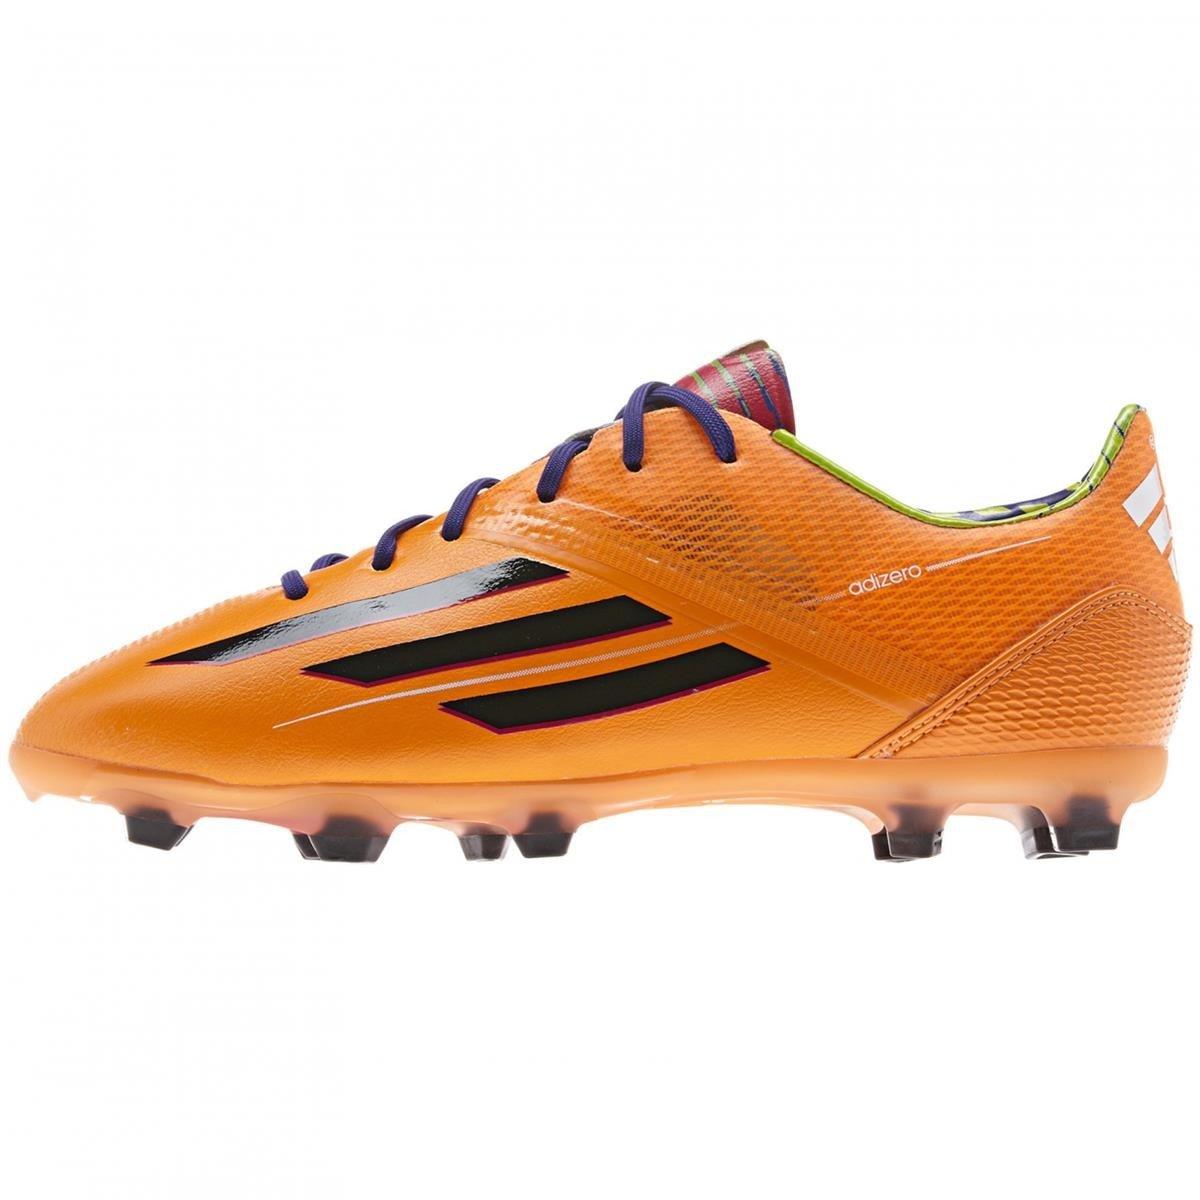 Adidas F50 adizero TRX FG Fußballschuh Kinder